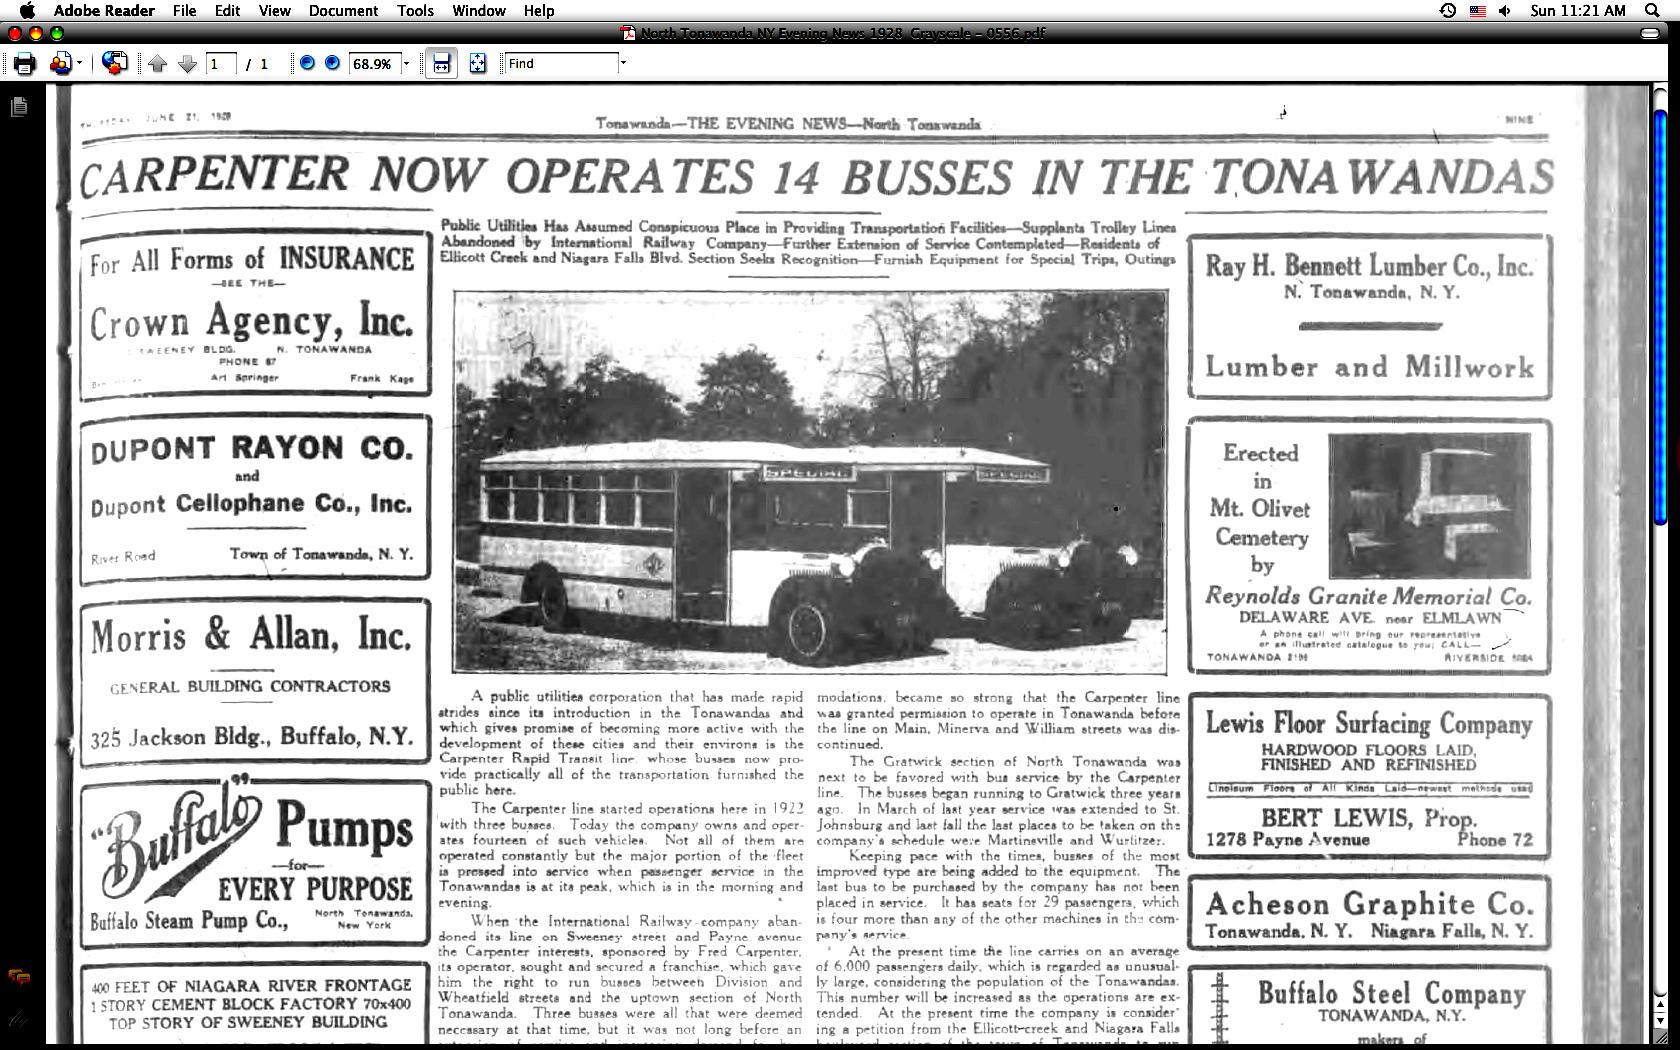 Carpenter now operates 14 busses in the Tonawandas, trolleys fade, article photo (Tonawanda News, 1928-06-21).jpg